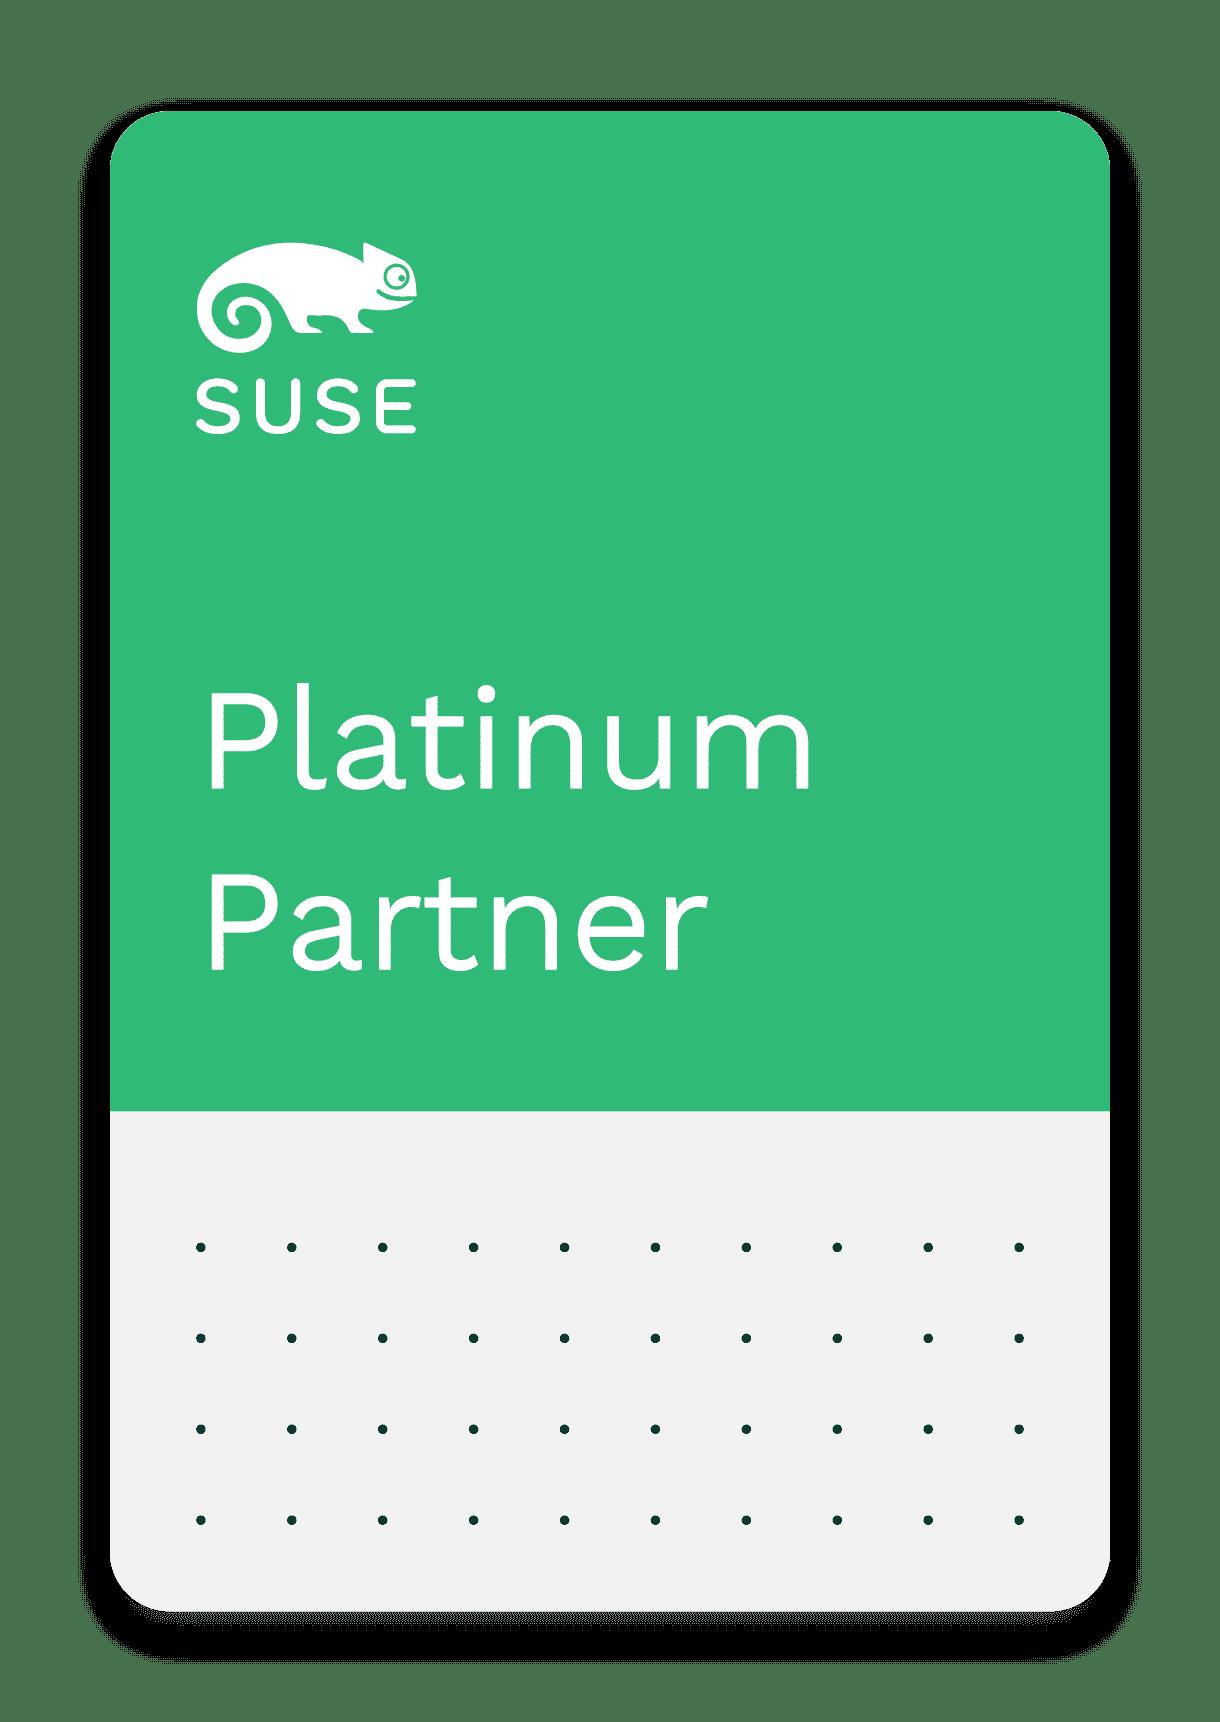 <h5>SUSE</h5> Platinum Partner